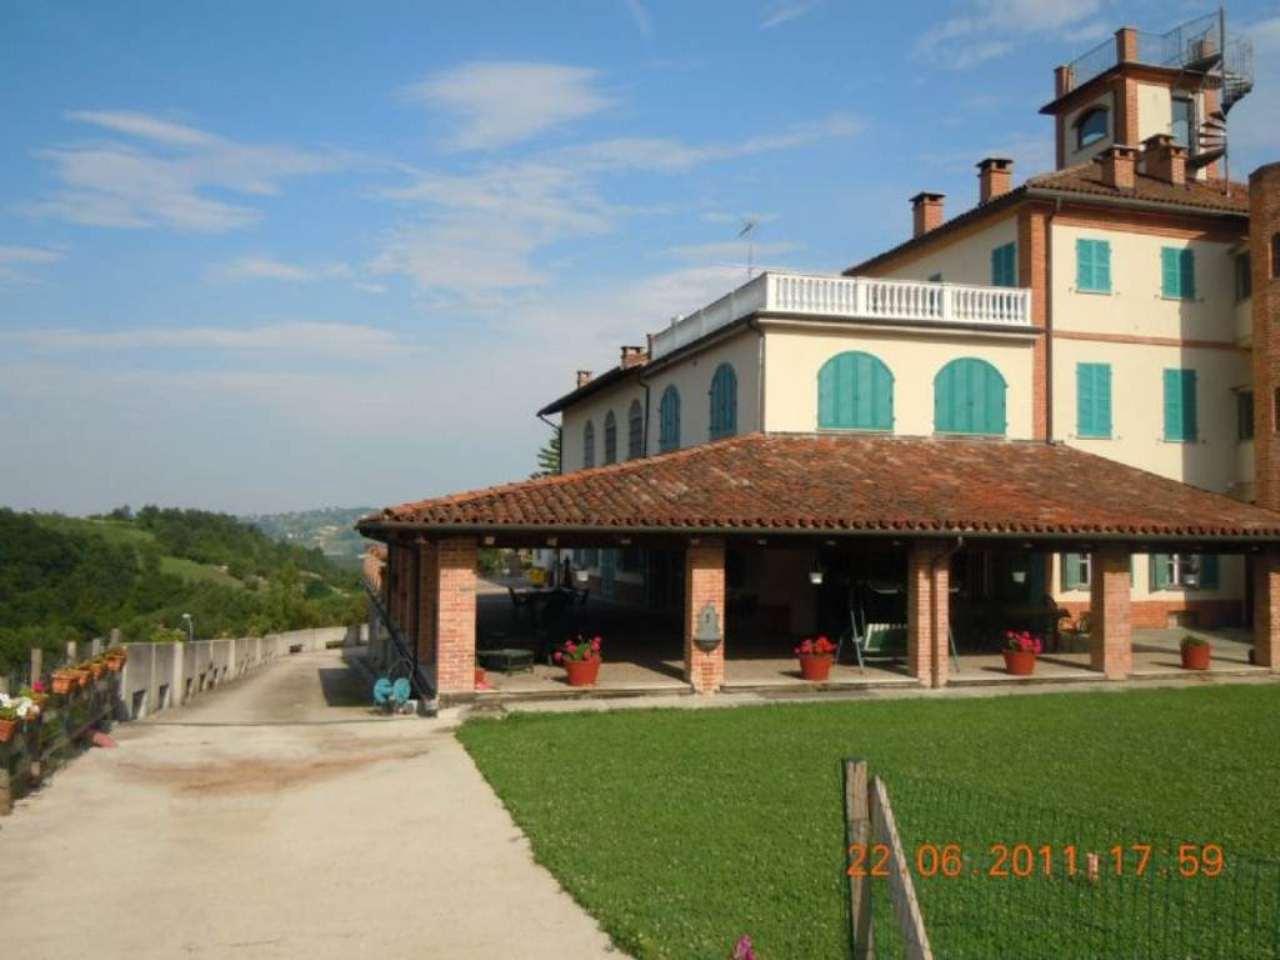 Soluzione Indipendente in vendita a Revigliasco d'Asti, 9999 locali, prezzo € 1.200.000 | Cambio Casa.it